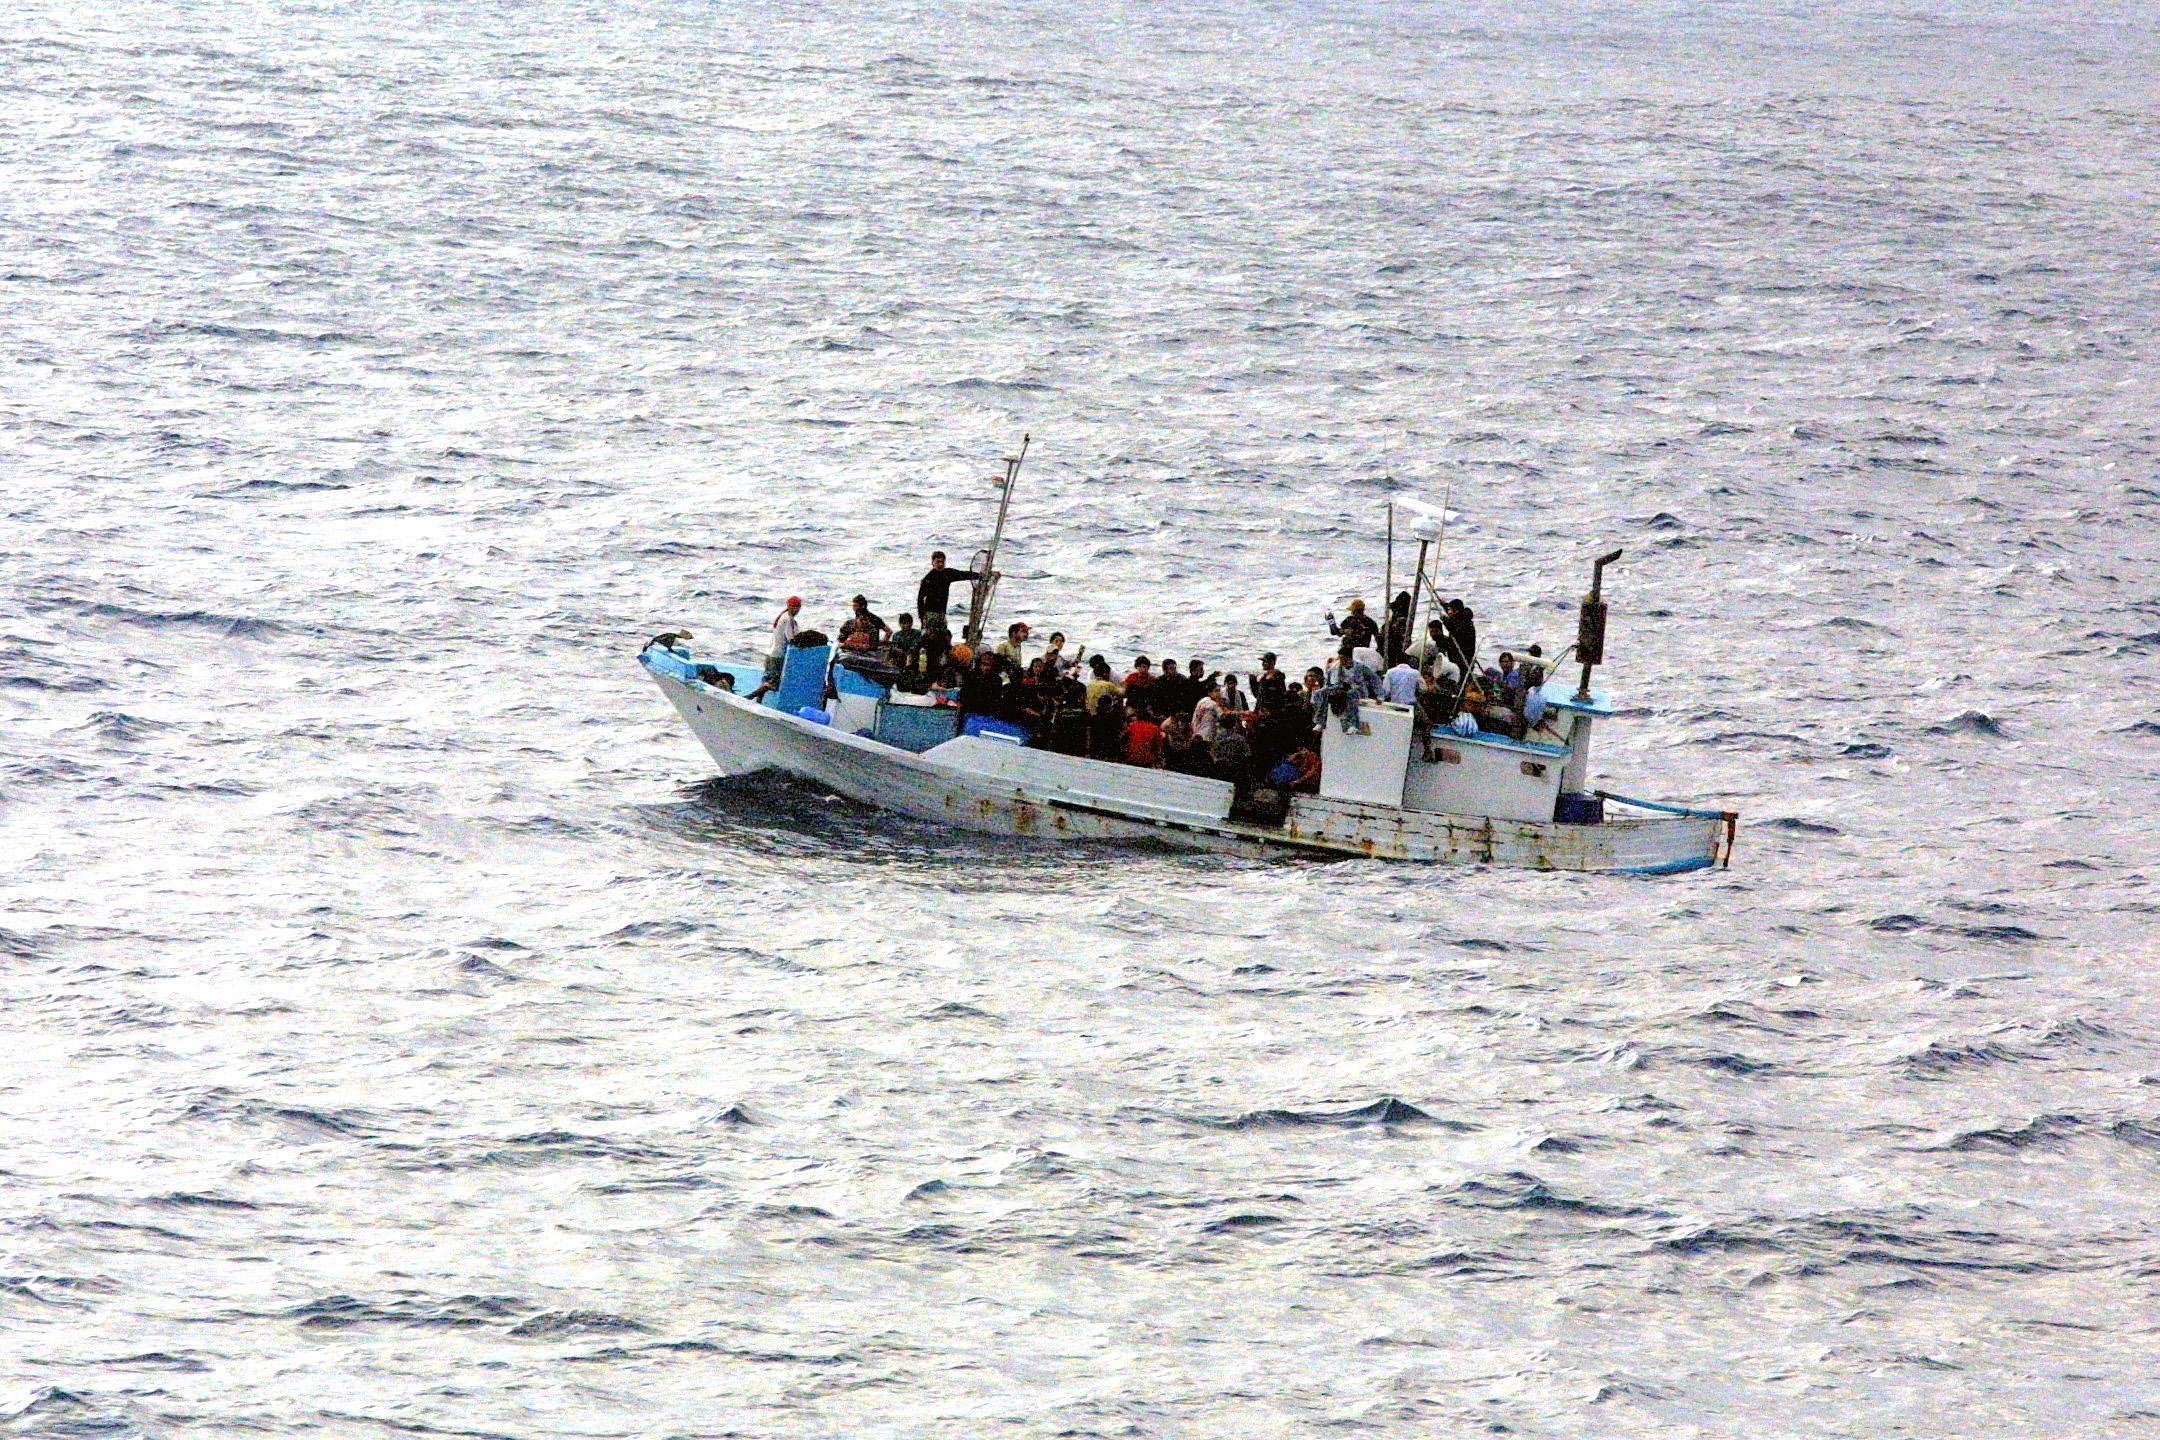 Od czasu wejścia w życie porozumienia ponad 25 000 osób próbowało przekroczyć Morze Śródziemne, aby dotrzeć do Europy.